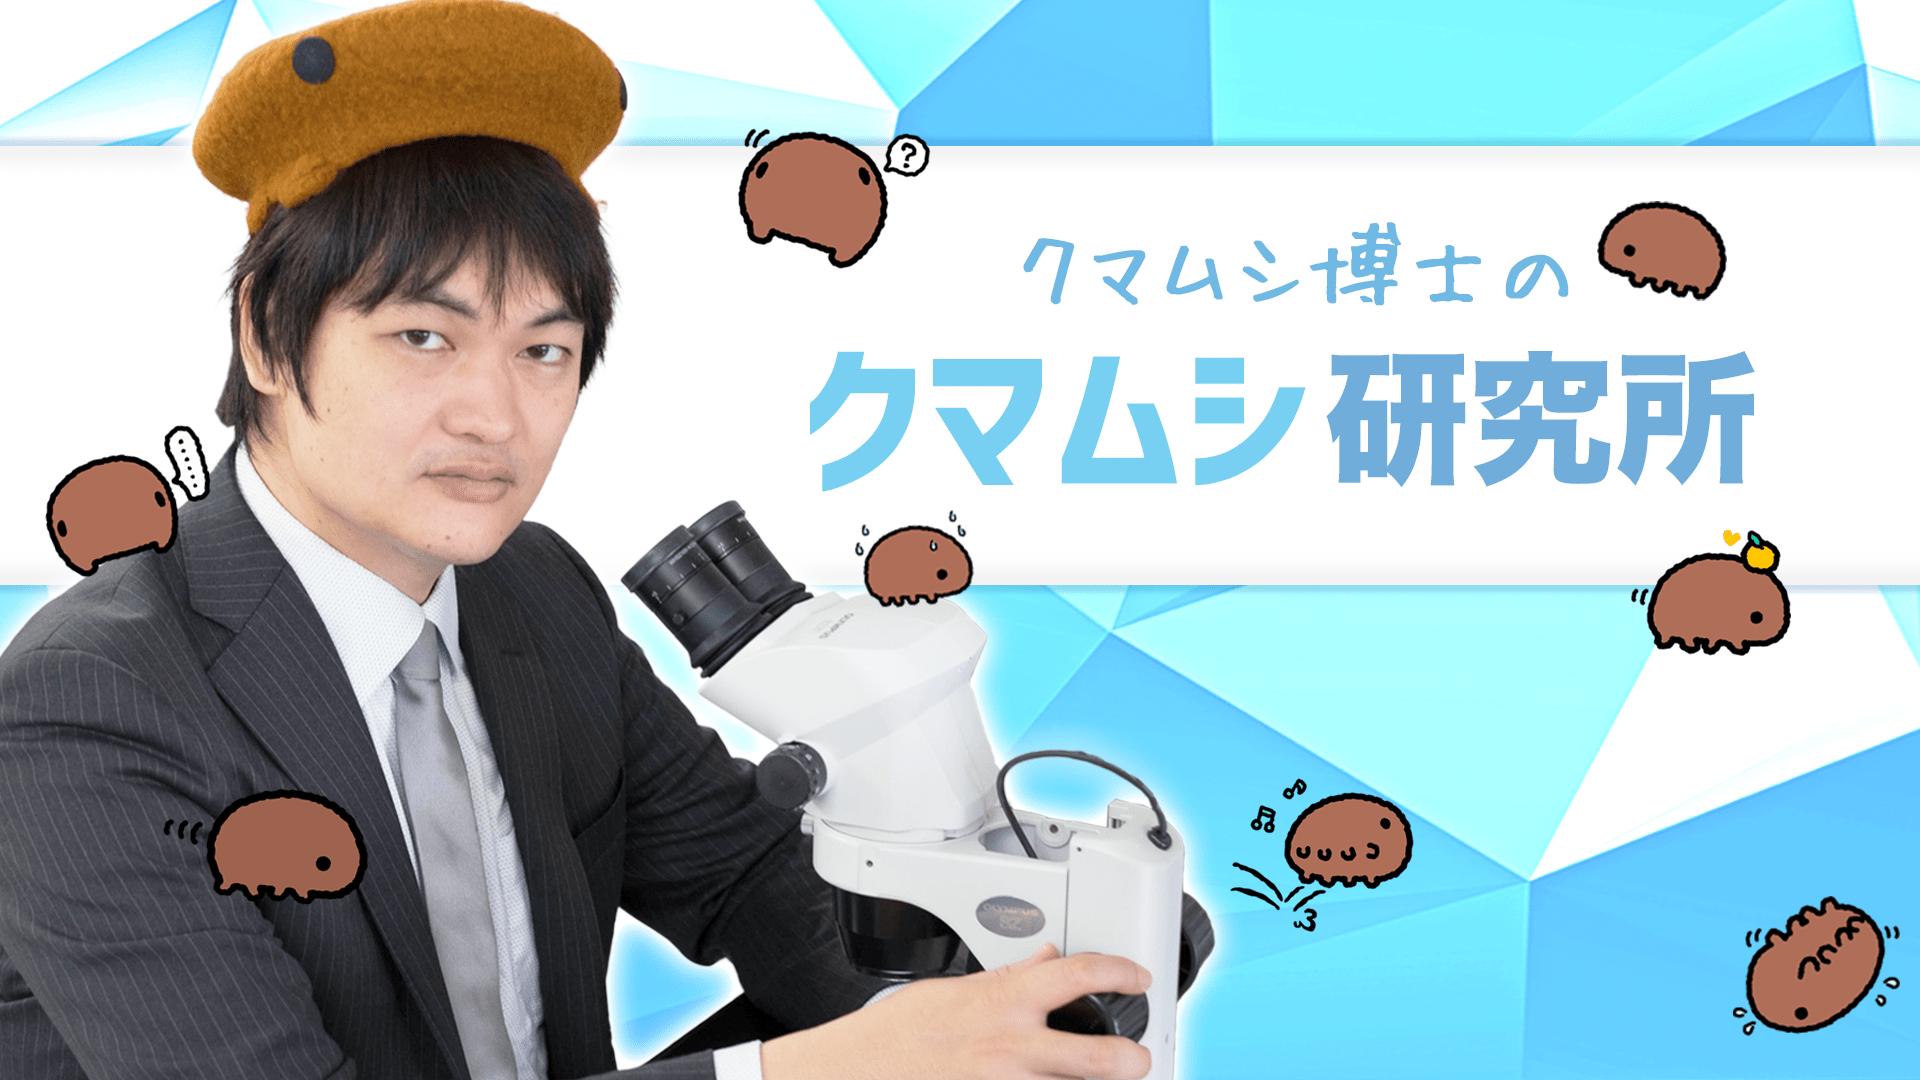 堀川大樹 - クマムシ博士のクマムシ研究所 - DMM オンラインサロン